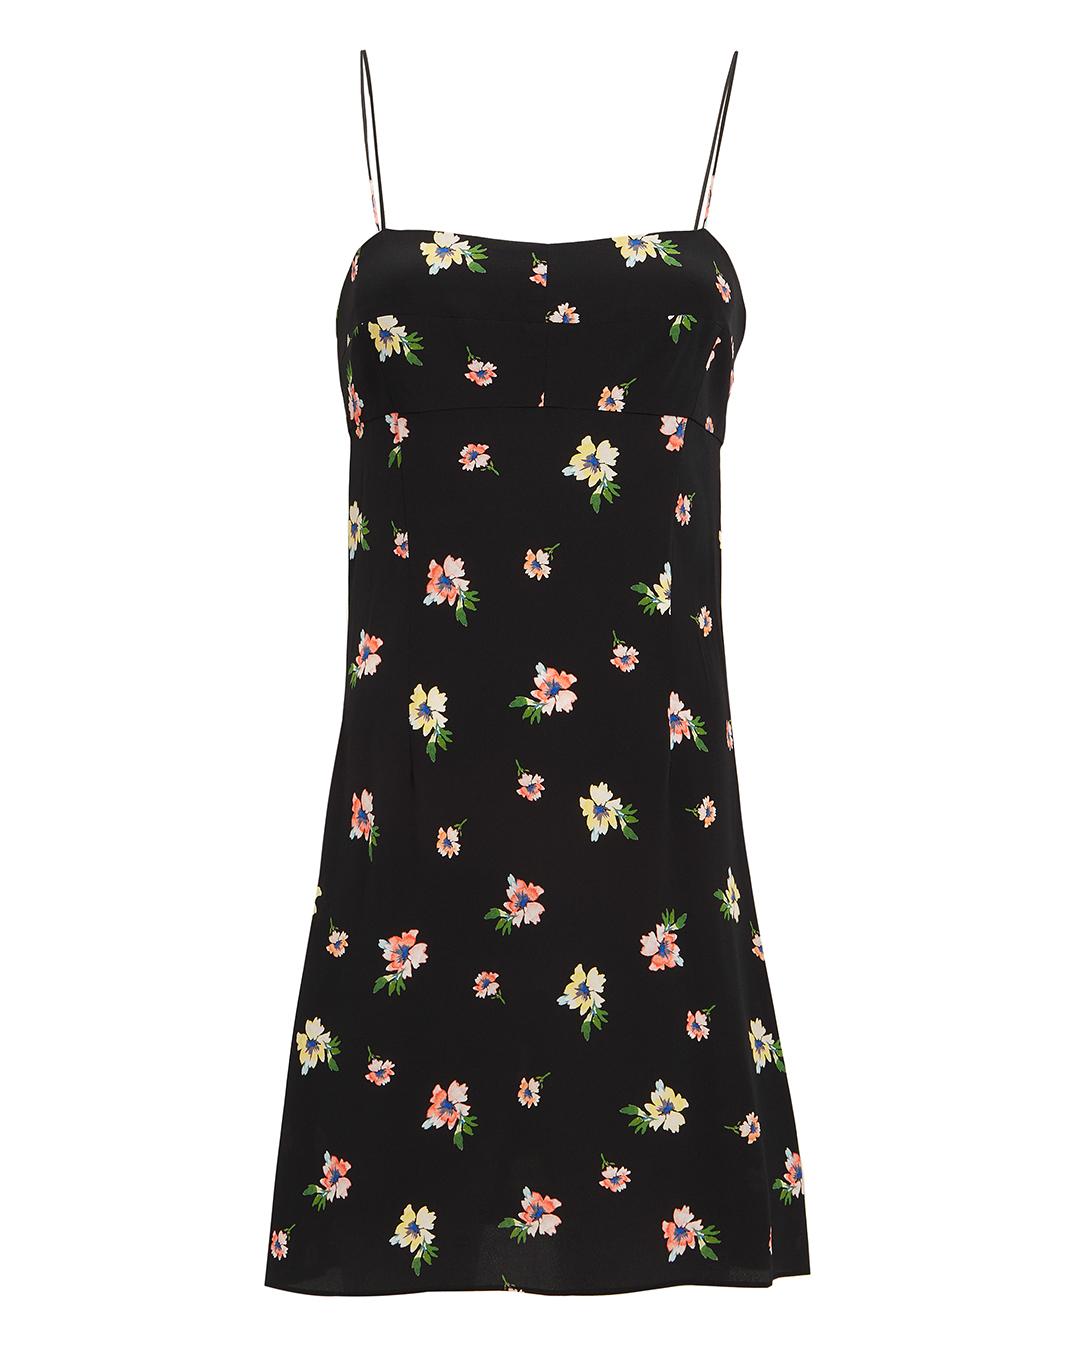 Intermix Cyrus Floral Sli Dress Multi